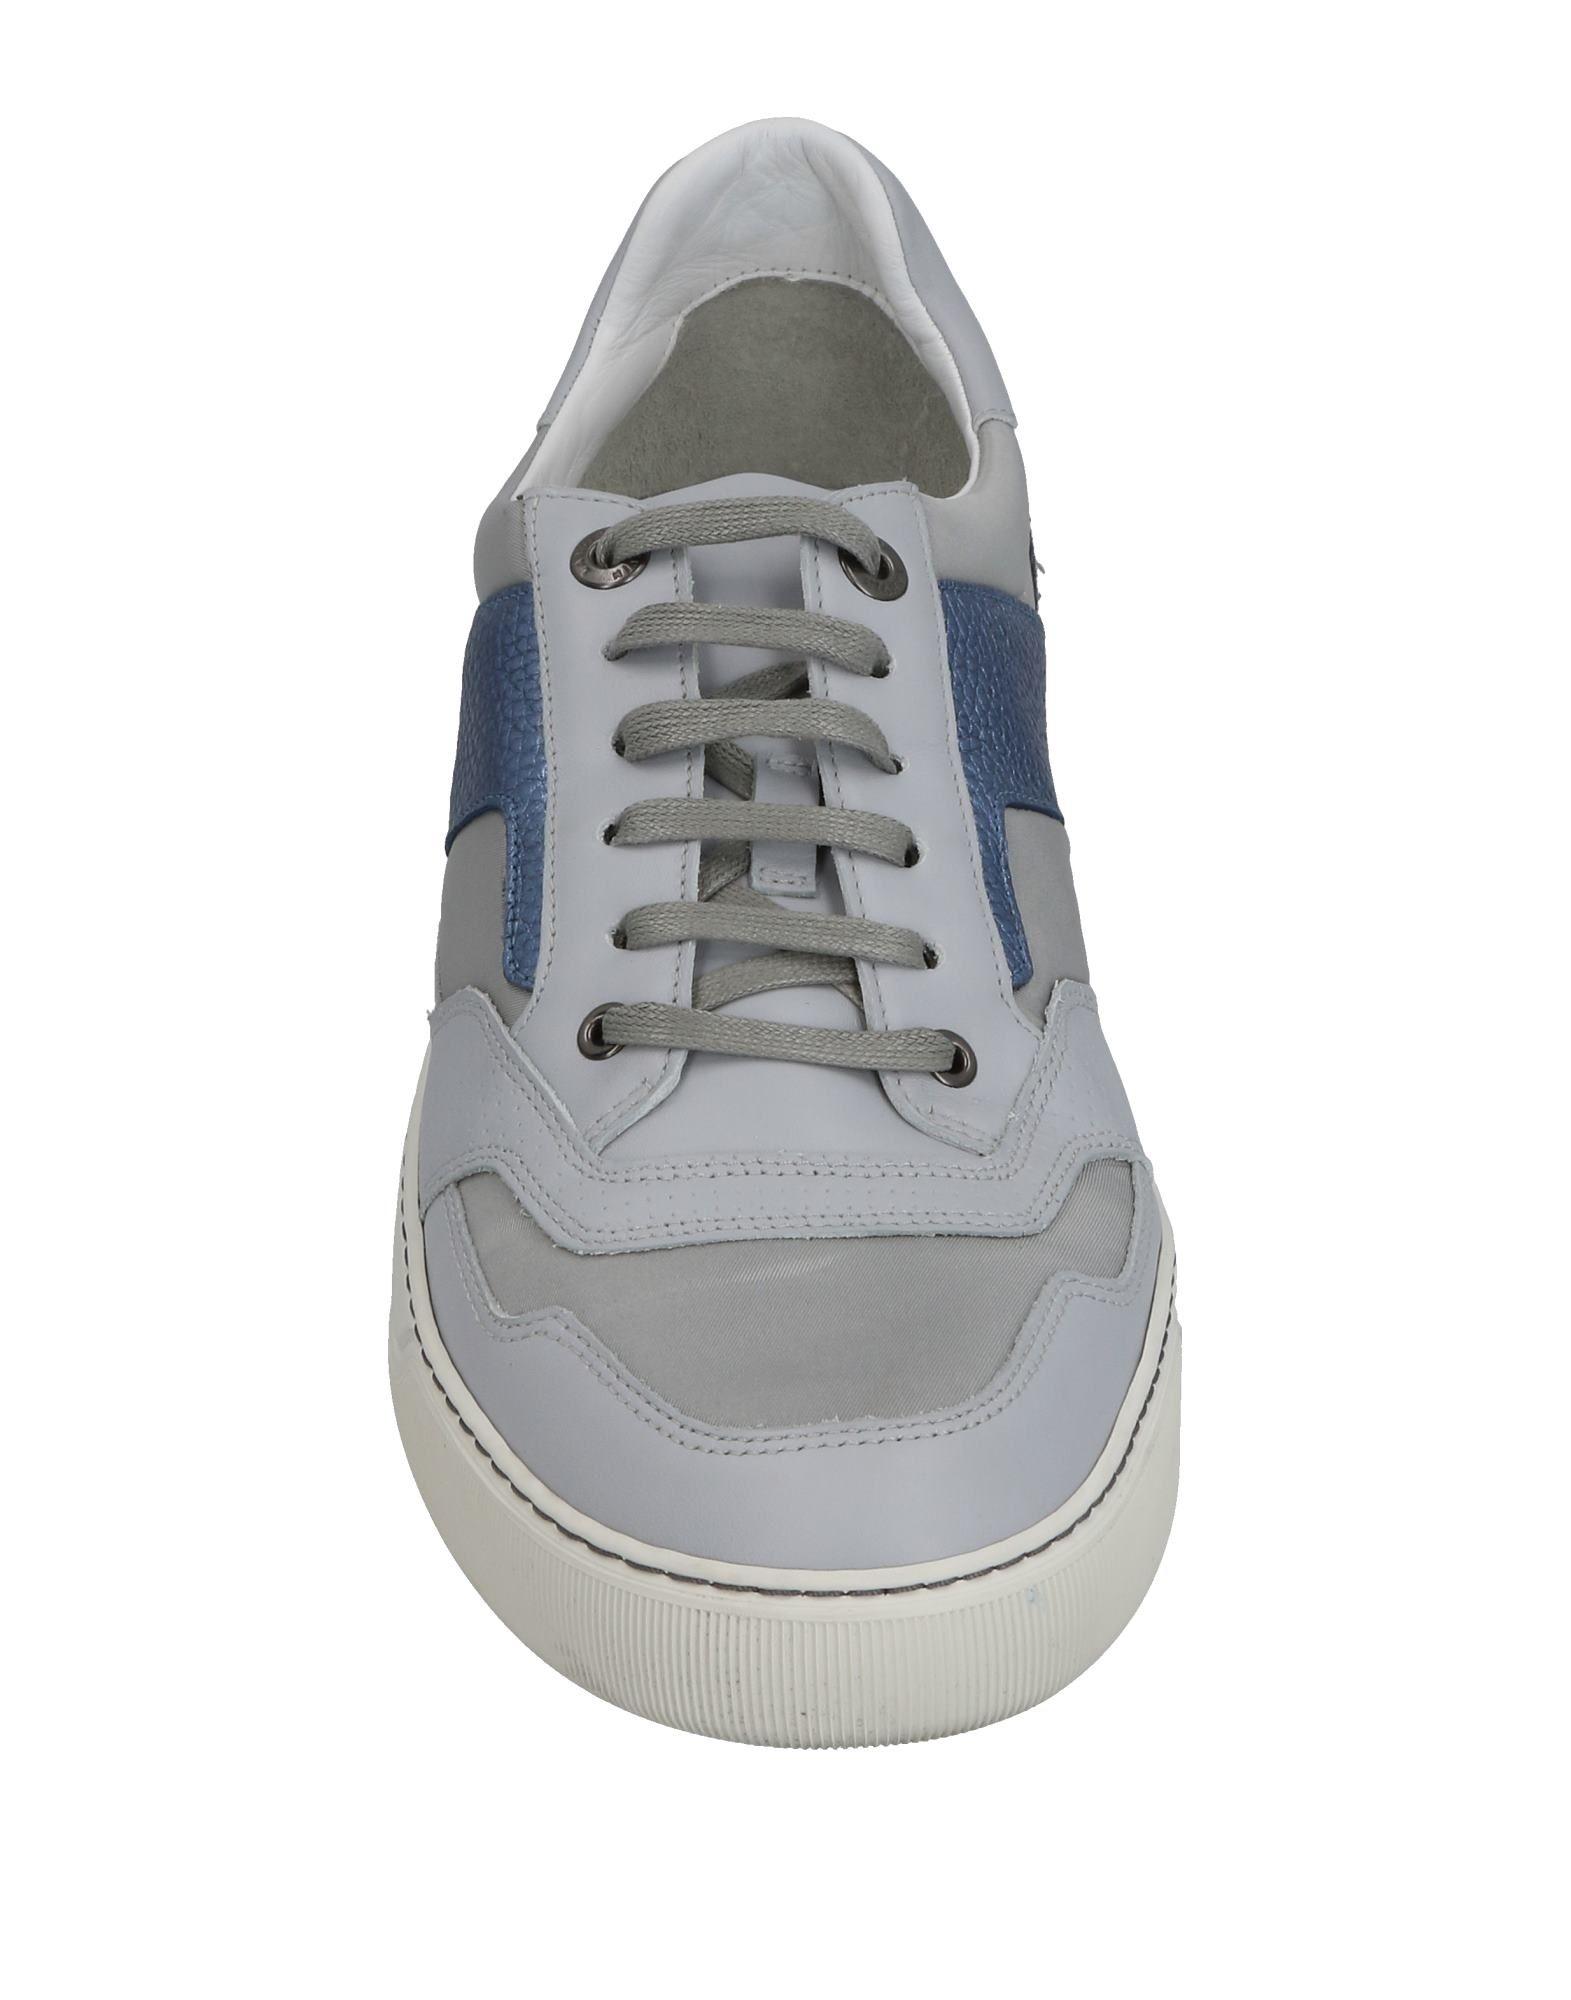 Lanvin Sneakers Herren  11461576UB 11461576UB  c8486a